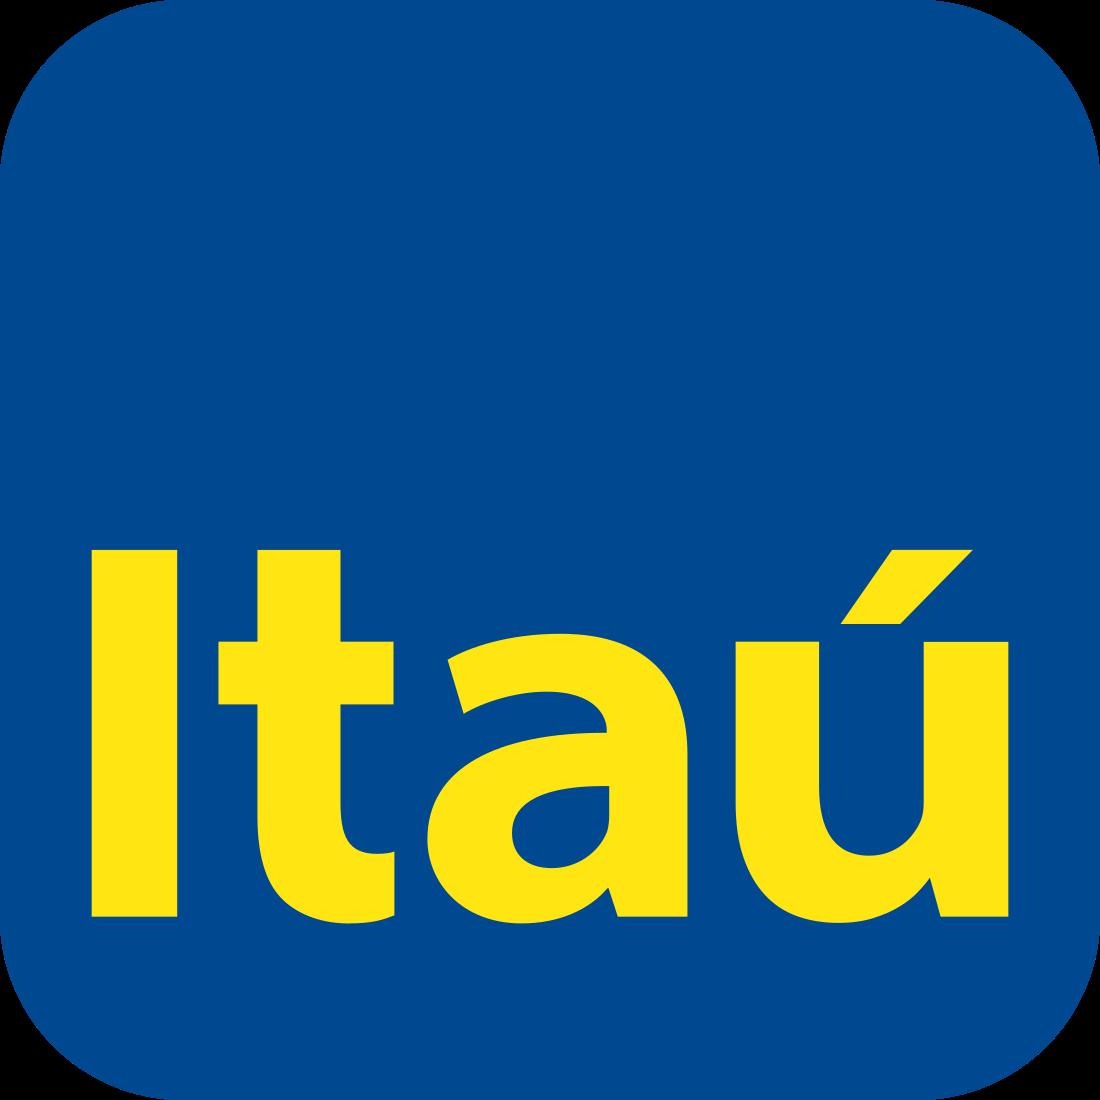 Itau Logo.